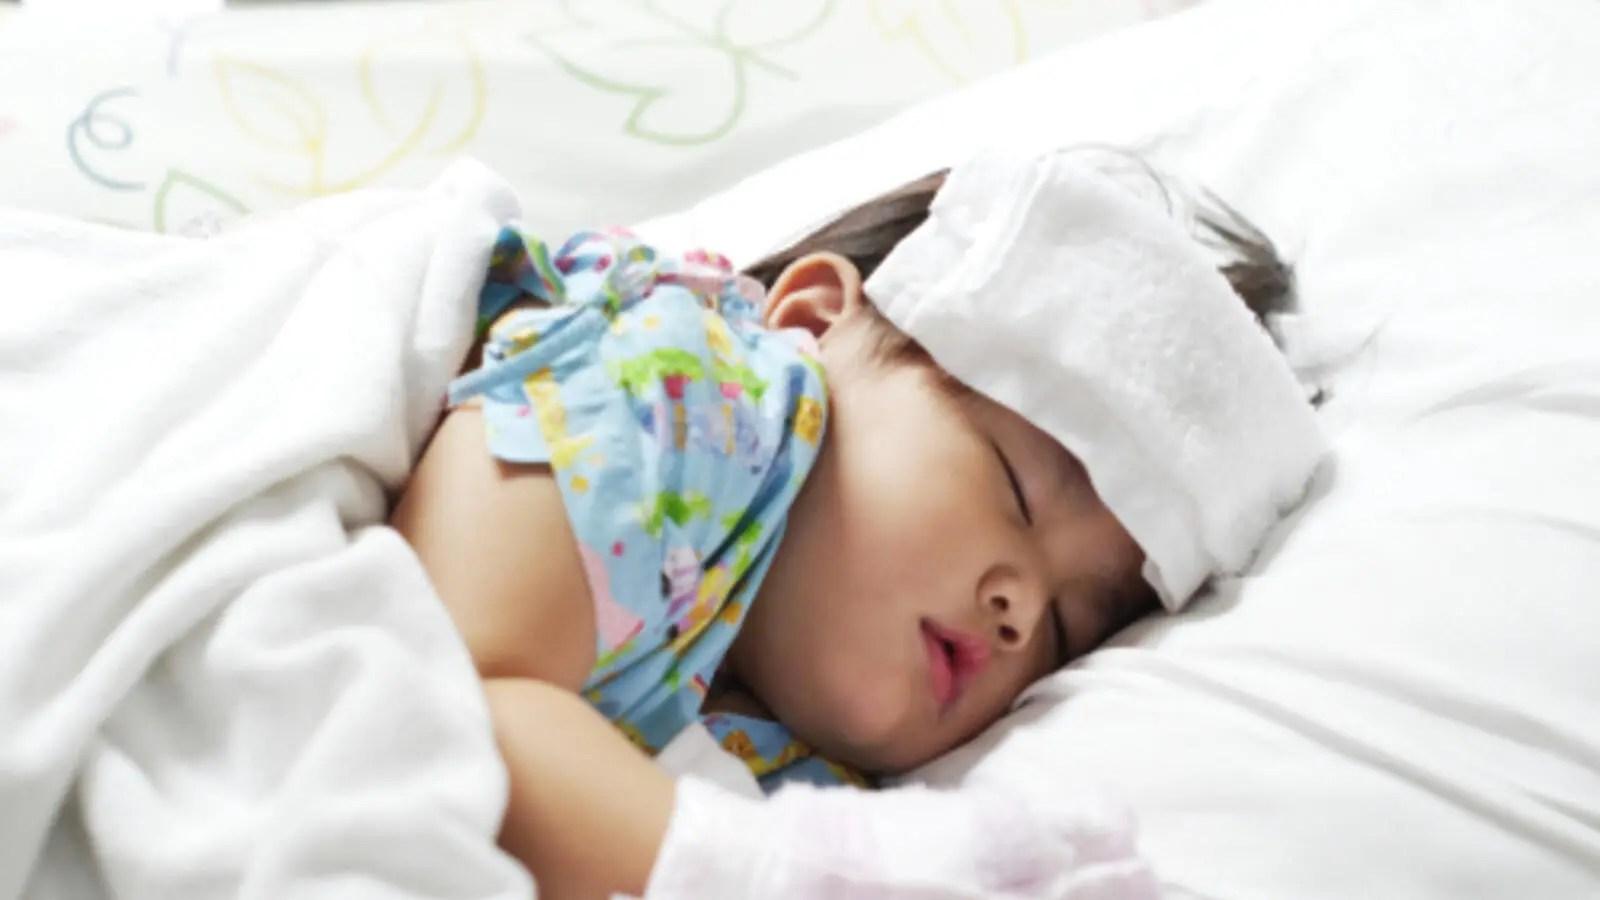 نصائح لخفض حرارة الطفل قبل زيارة الطبيب البوابة